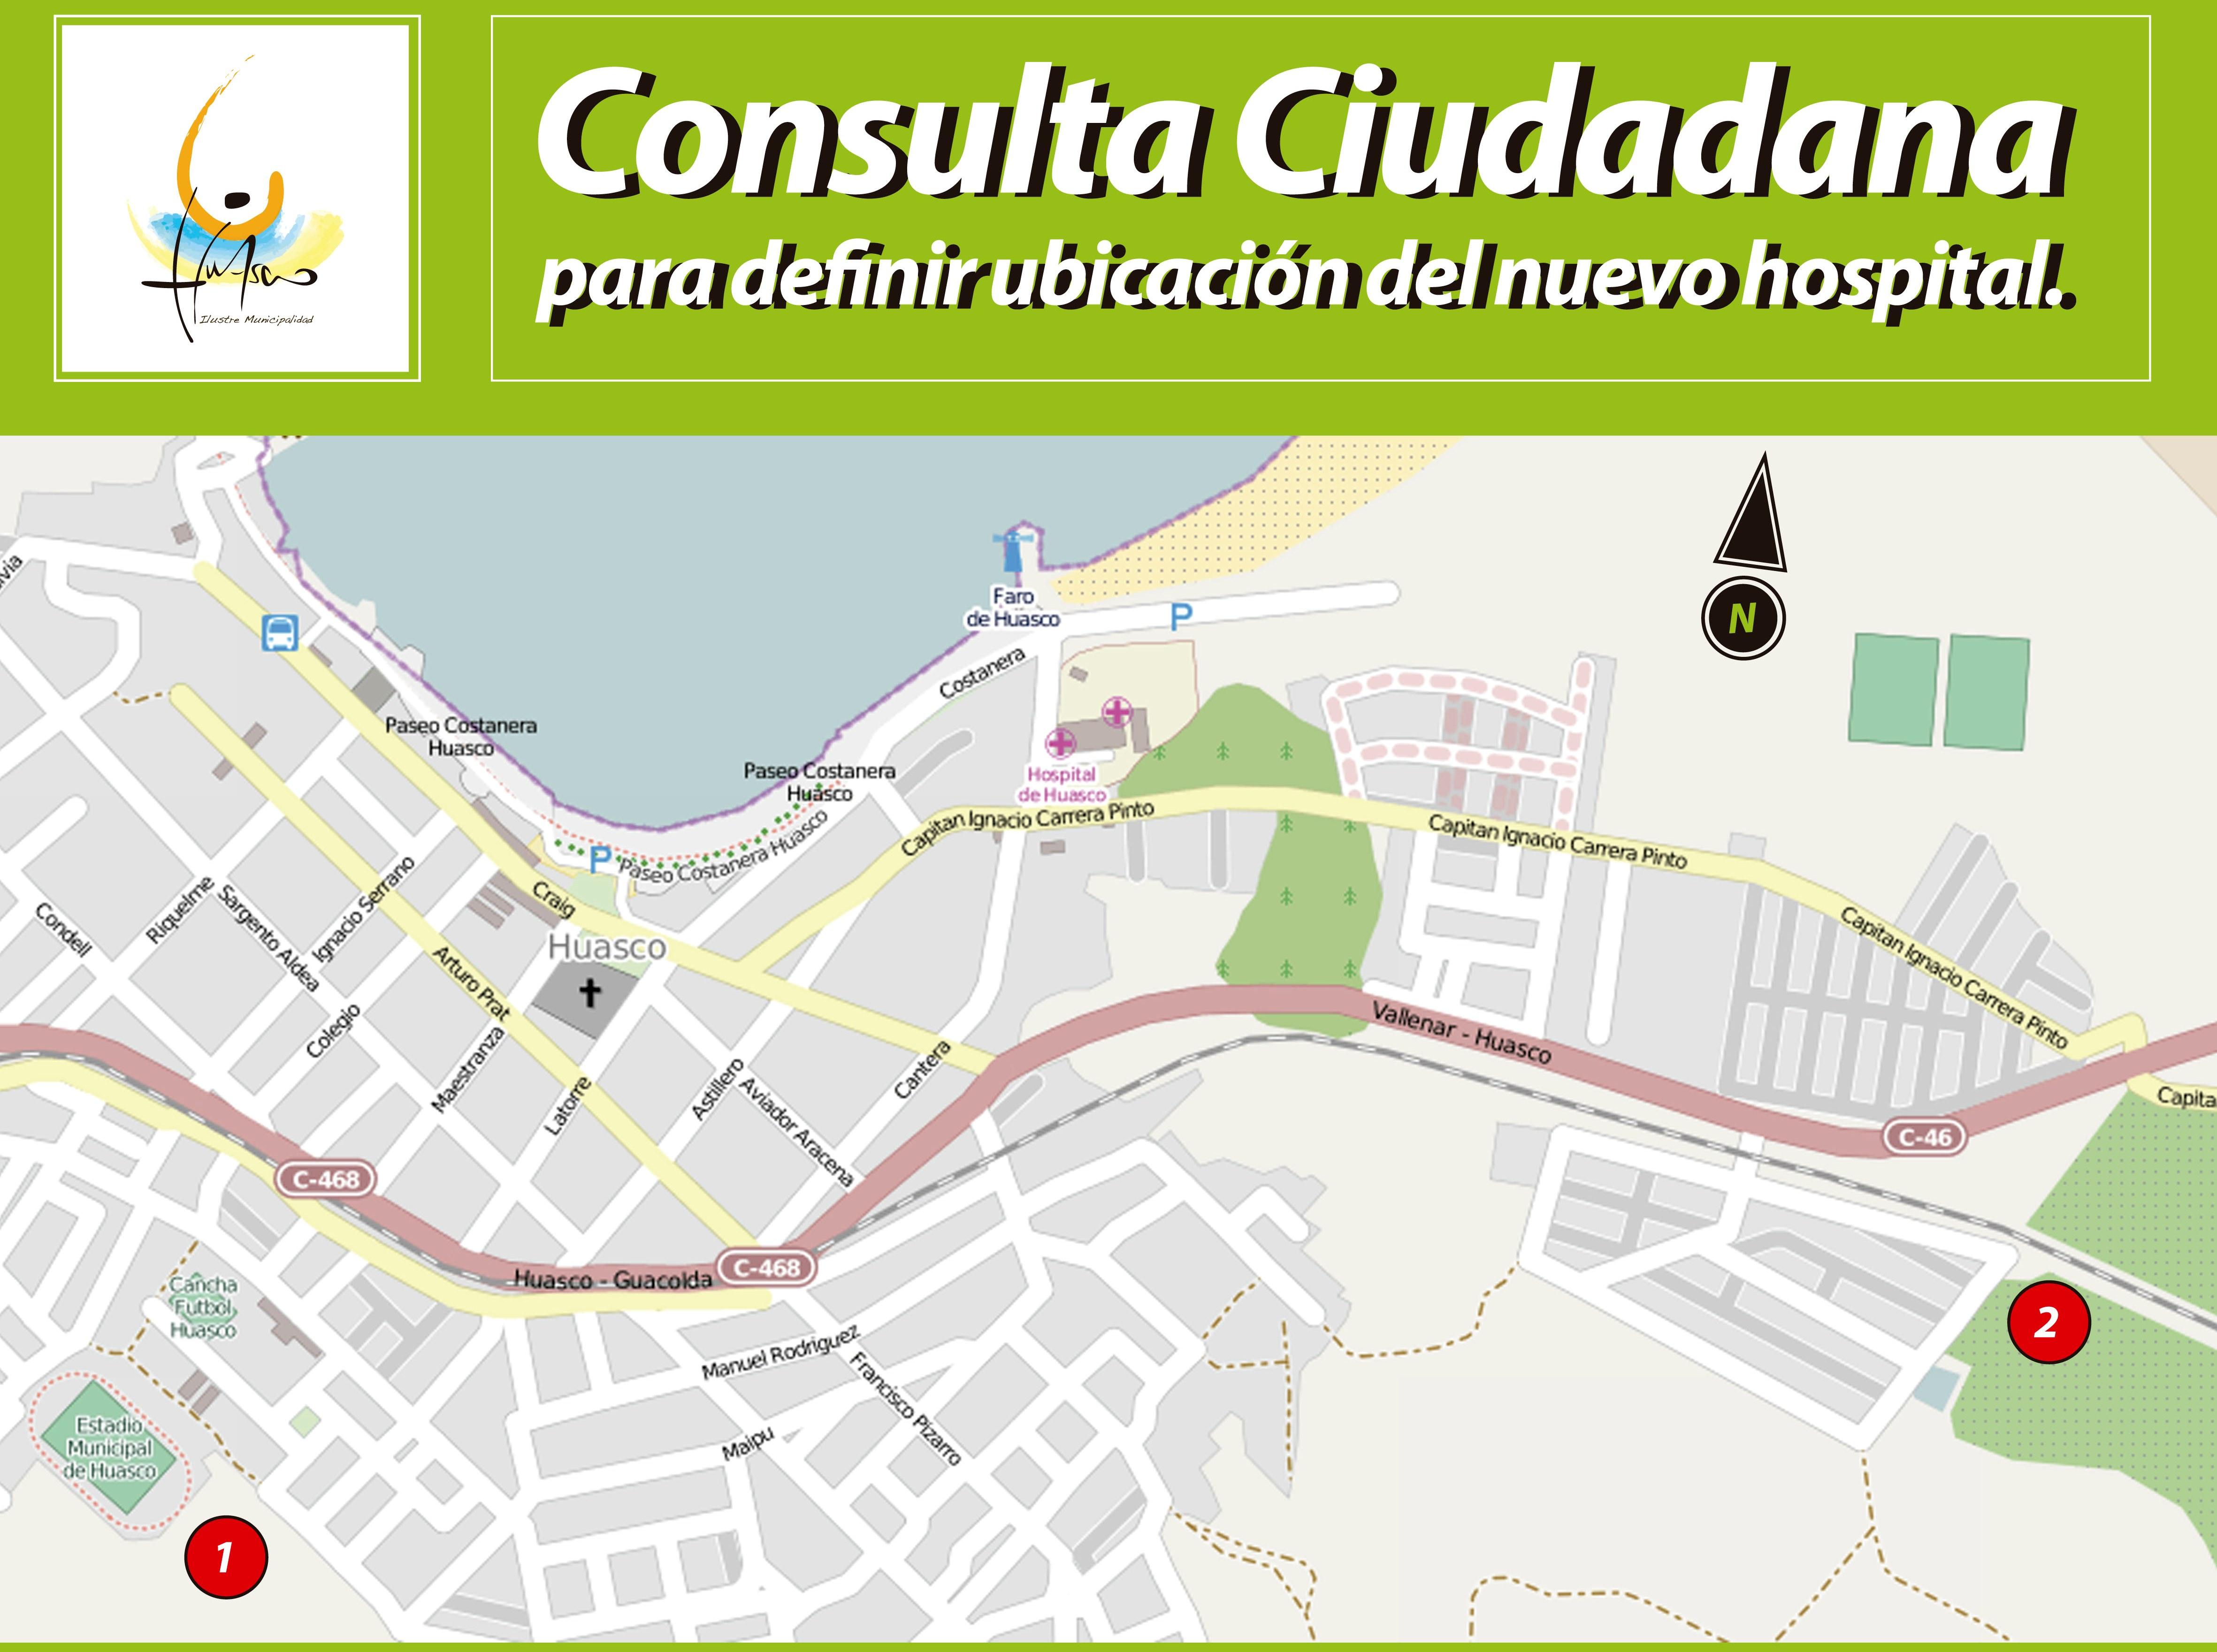 Próximo domingo se realizará consulta ciudadana para la ubicación del nuevo hospital de Huasco